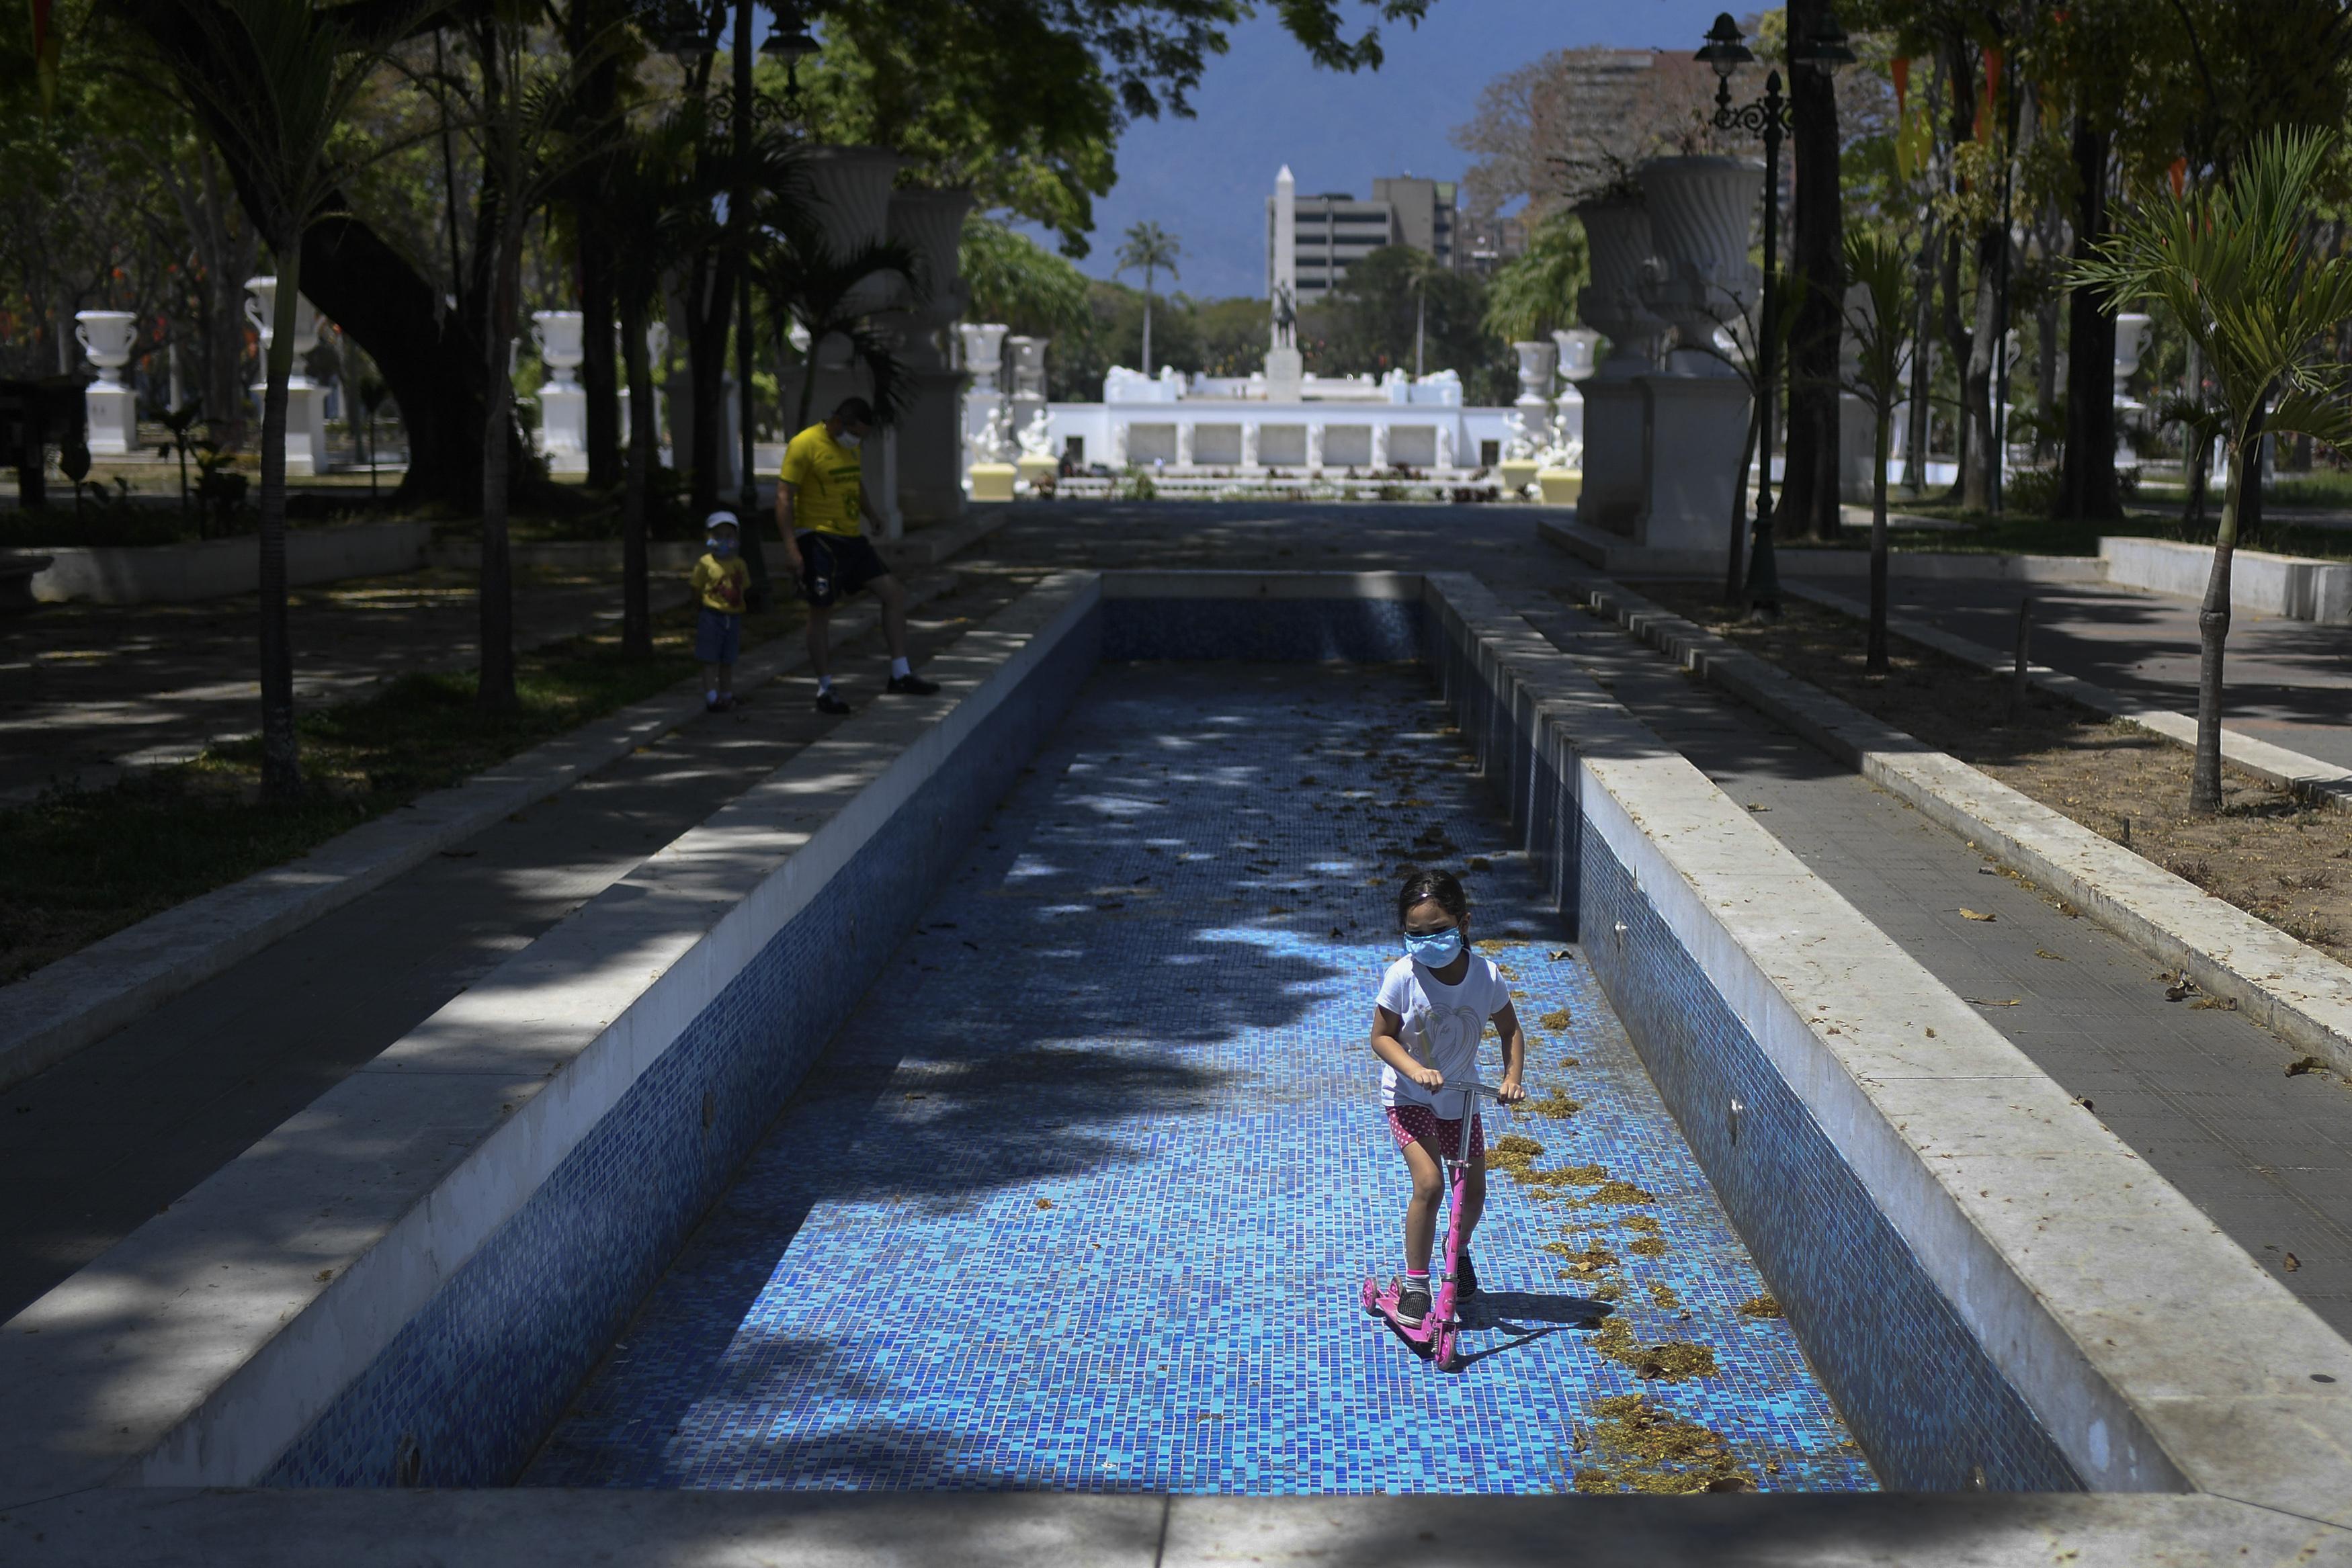 Una niña, con mascarilla para protegerse del coronavirus, juega con su patinete dentro de una fuente vacía en el paseo de Los Próceres, en Caracas, Venezuela, el 26 de abril de 2020. Se estima que el 86% de los venezolanos reportó problemas con el suministro de agua, incluyendo un 11% que no tiene, según una encuesta realizada por la ONG Observatorio Venezolano de Servicios Públicos entre 4.500 residentes en abril. (AP Foto/Matías Delacroix)